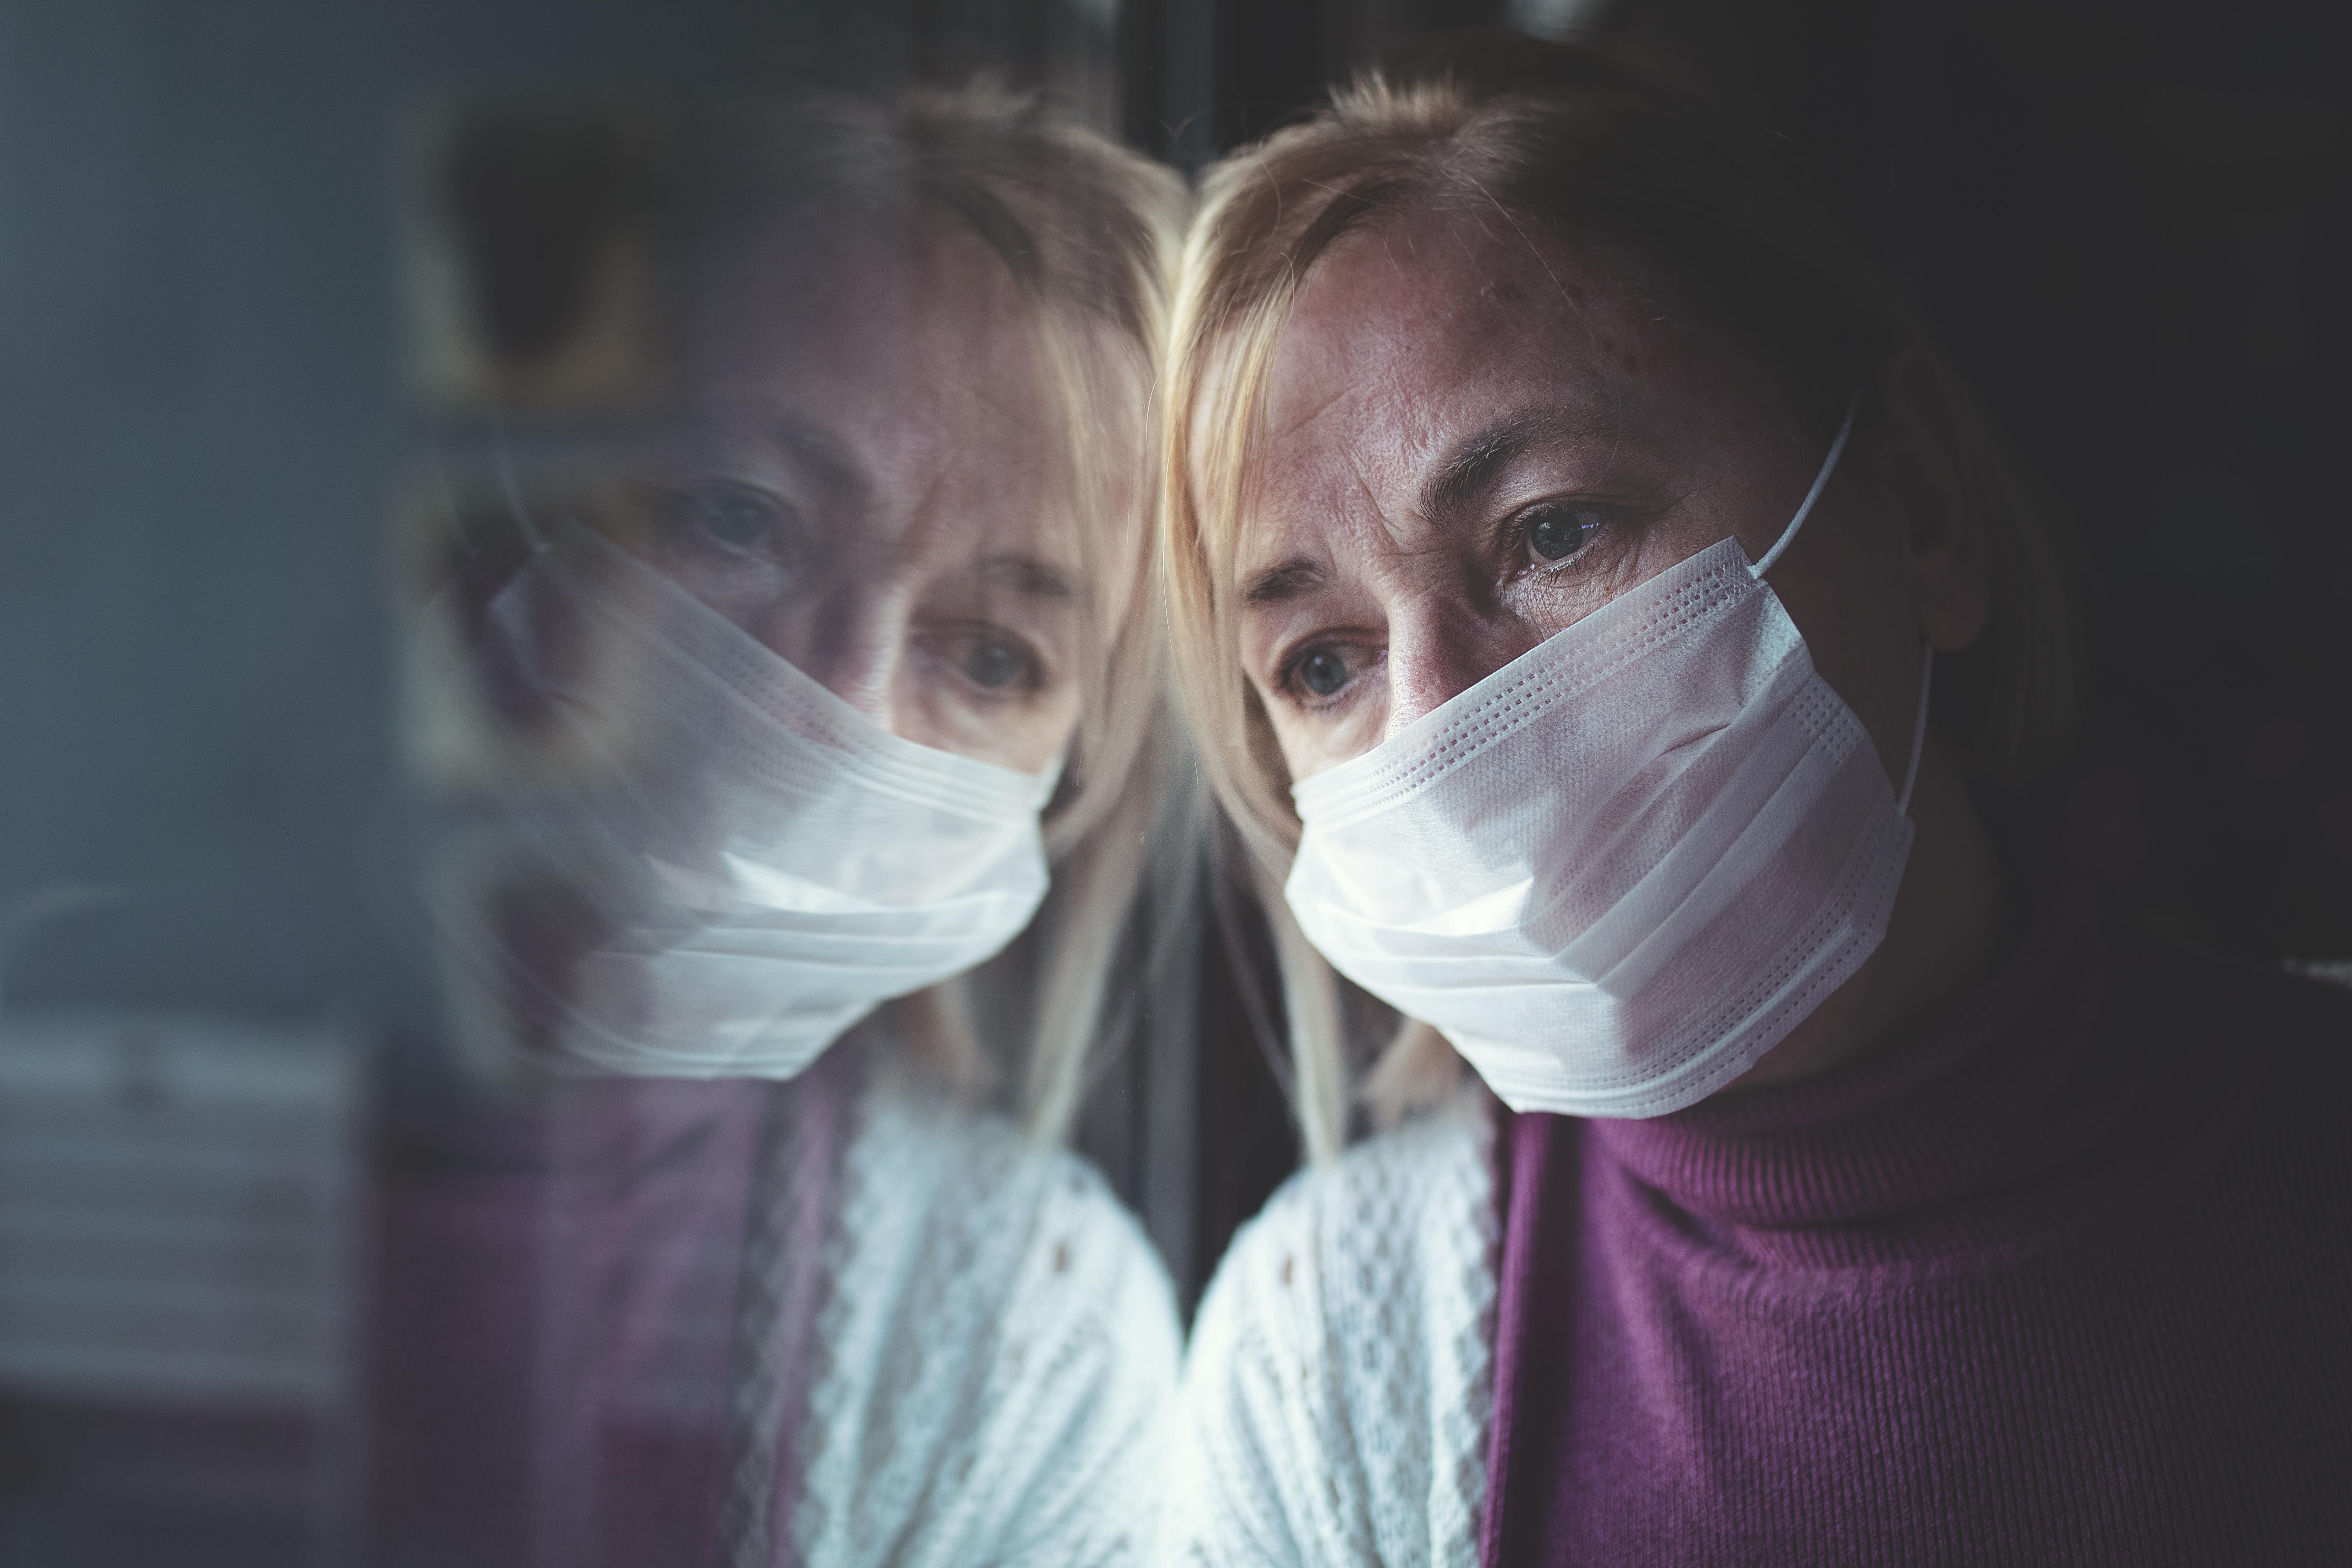 Coronavirus survivors may suffer delirium and PTSD ...